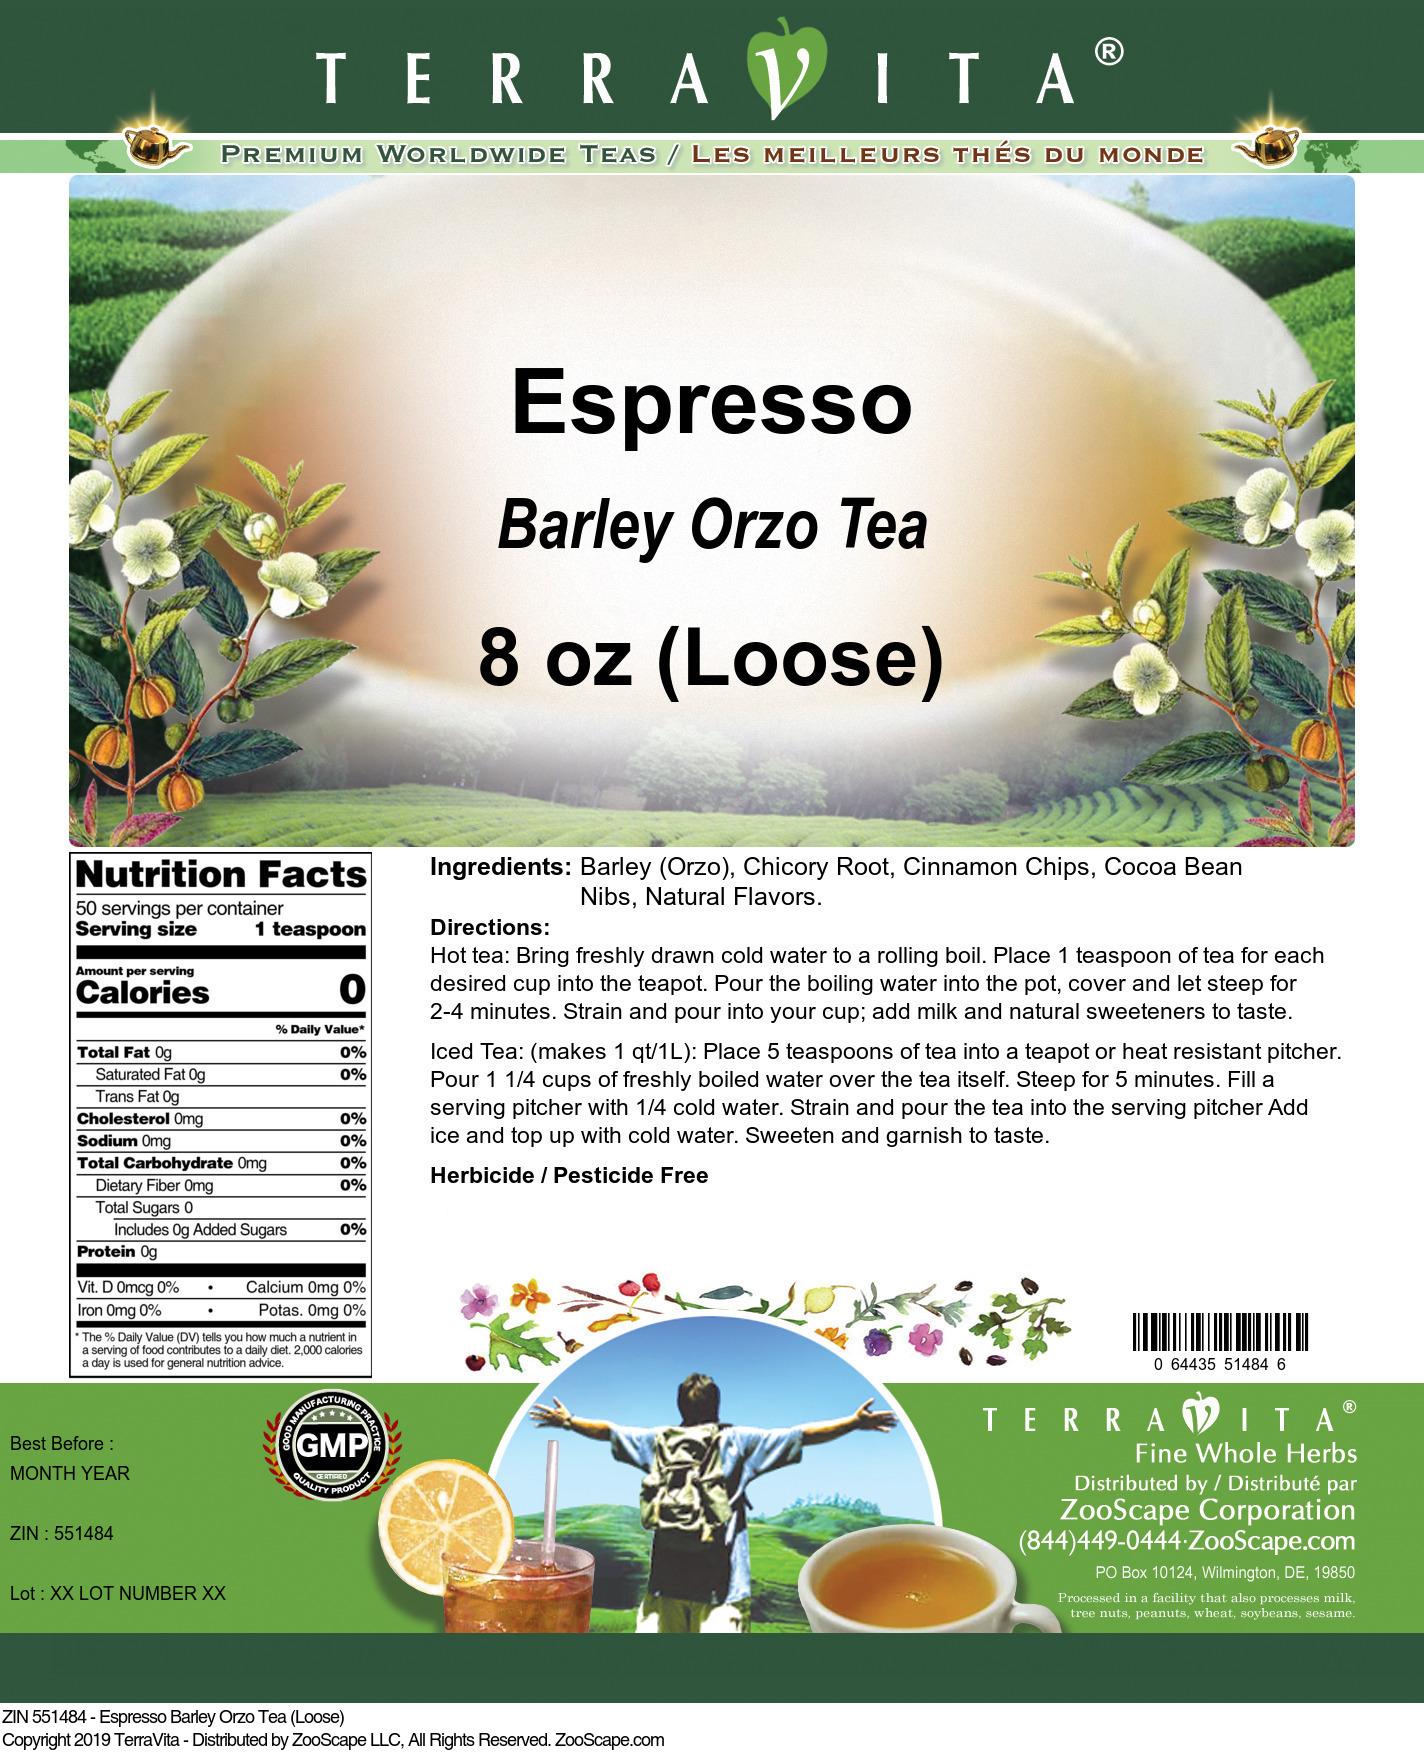 Espresso Barley Orzo